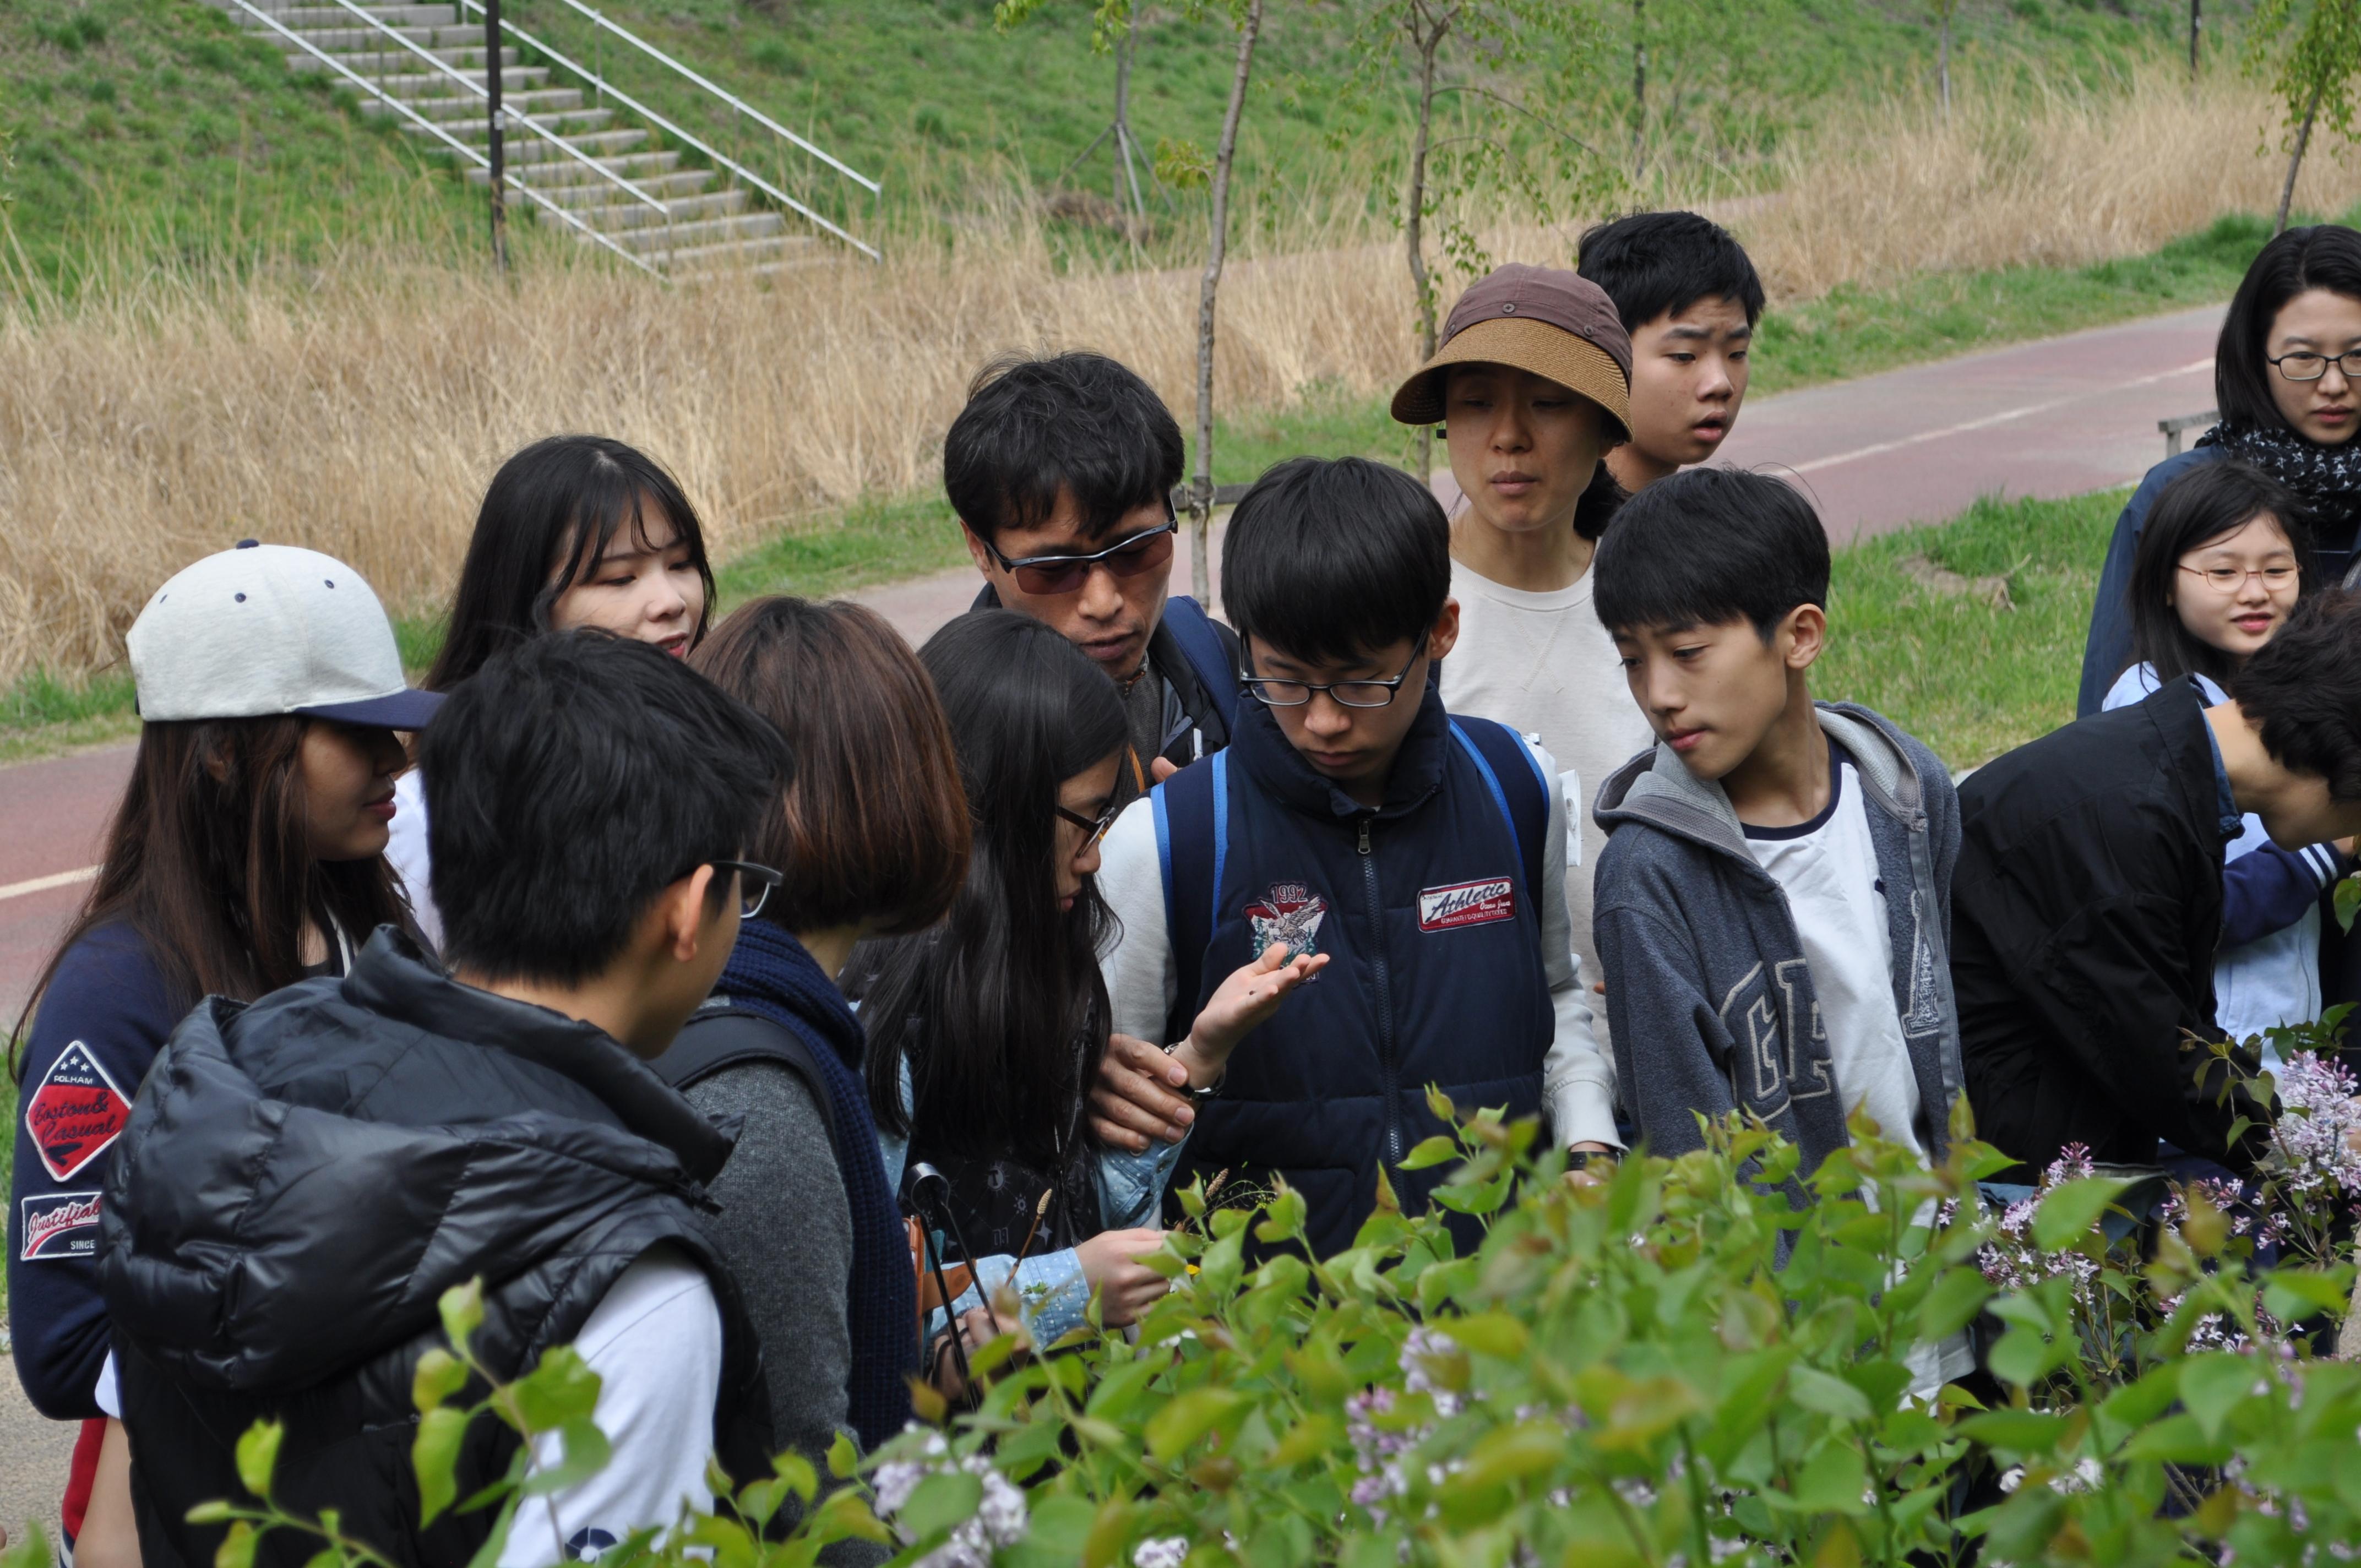 식물씨앗 관찰